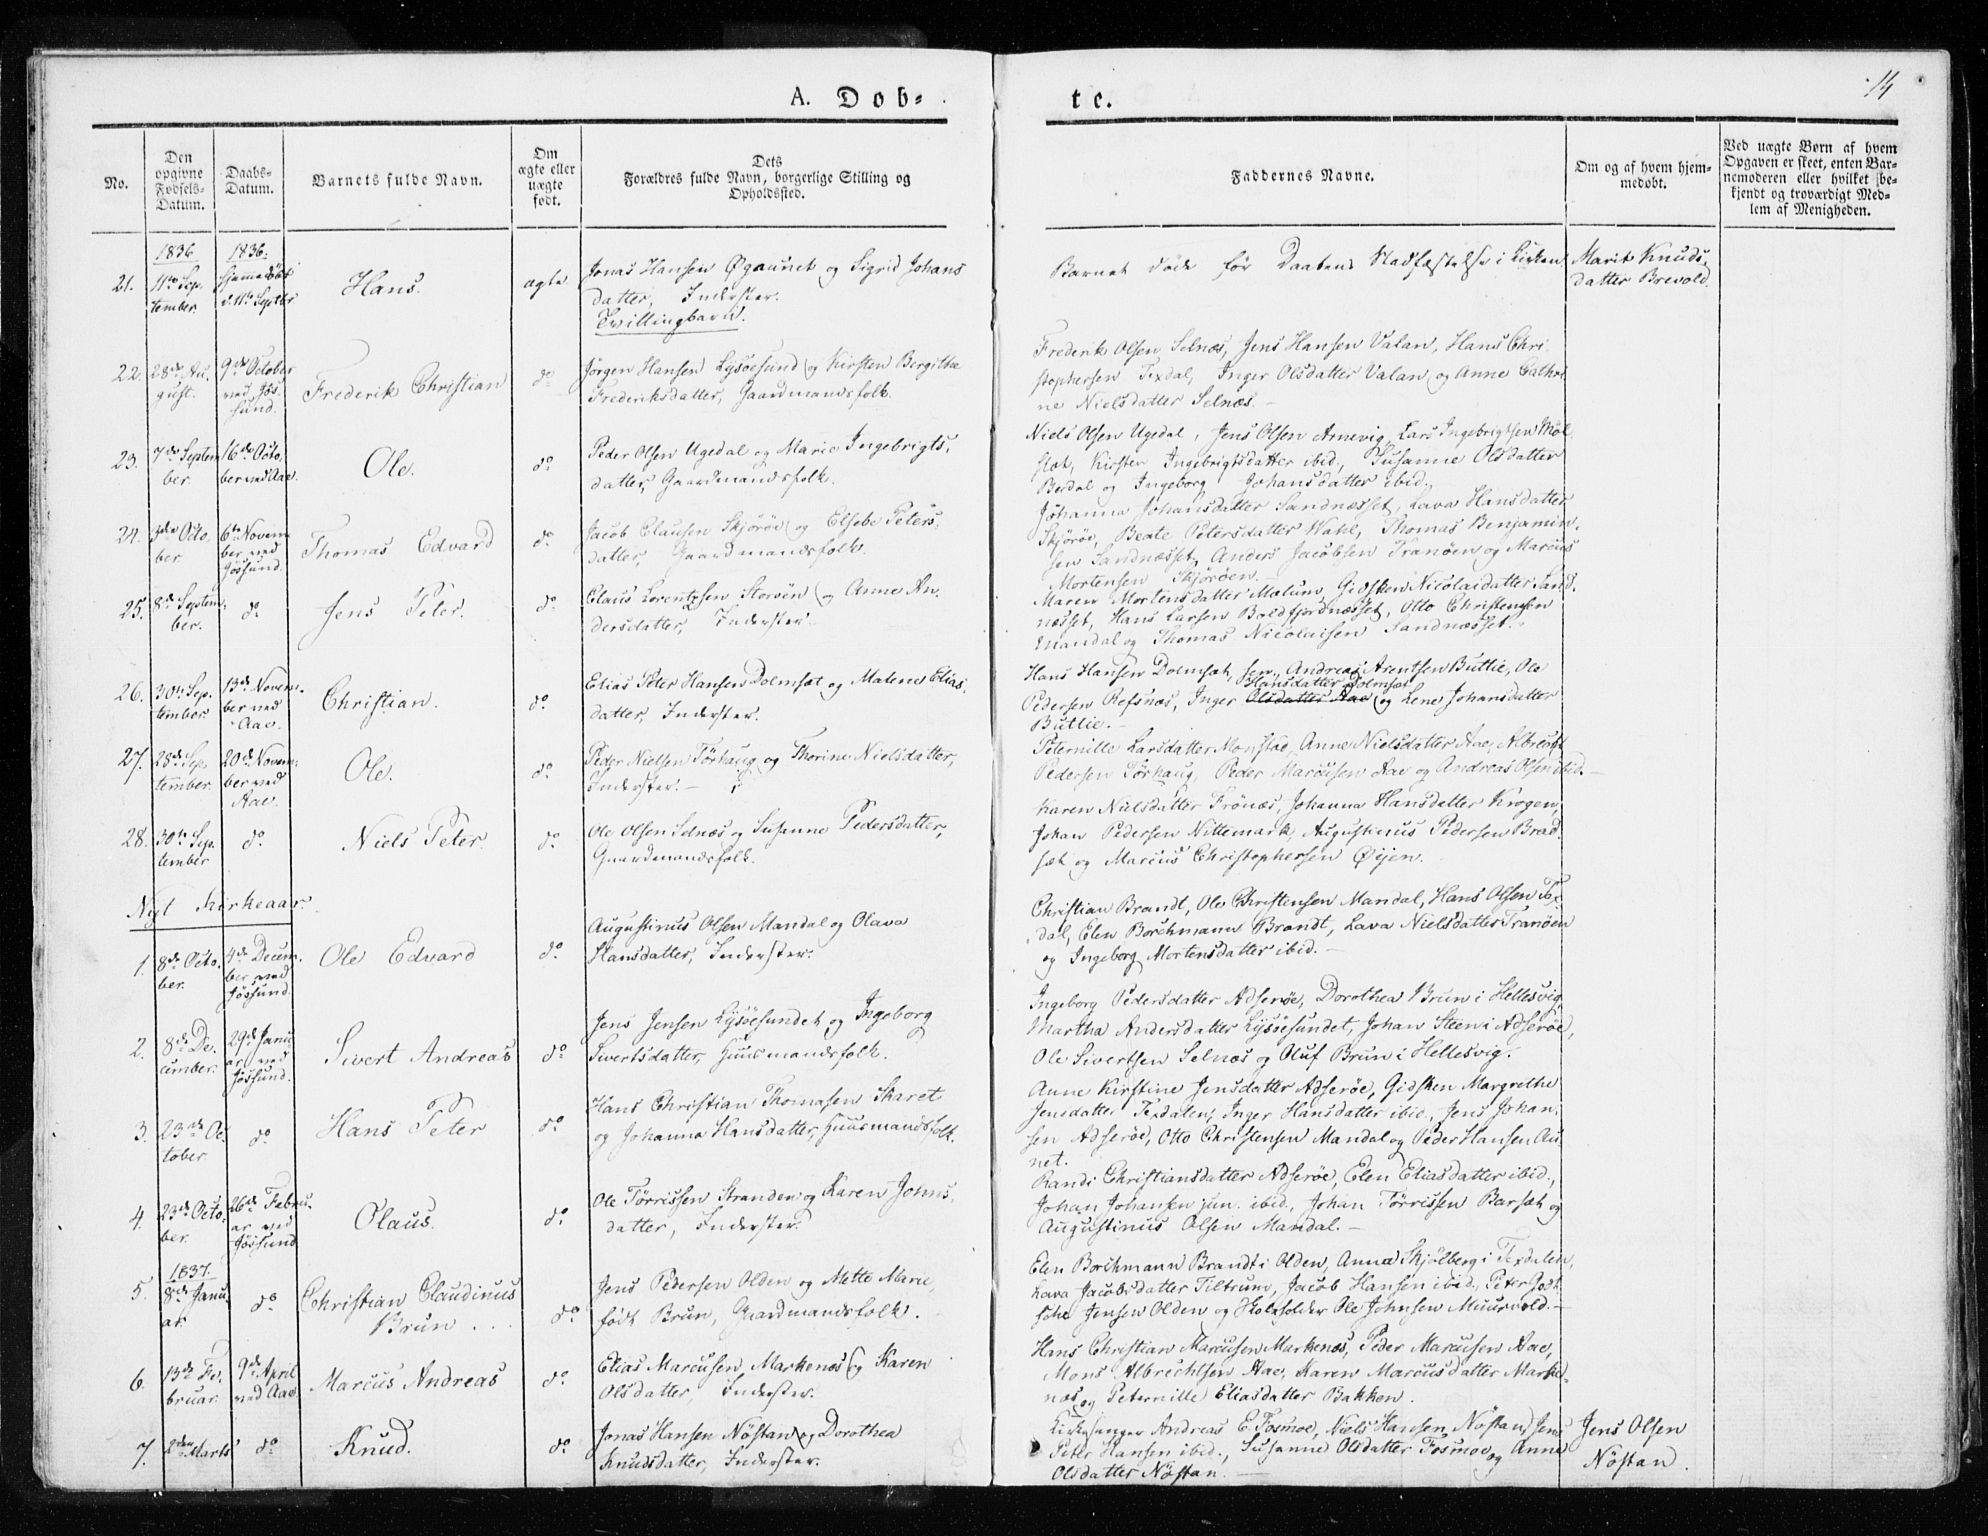 SAT, Ministerialprotokoller, klokkerbøker og fødselsregistre - Sør-Trøndelag, 655/L0676: Ministerialbok nr. 655A05, 1830-1847, s. 14